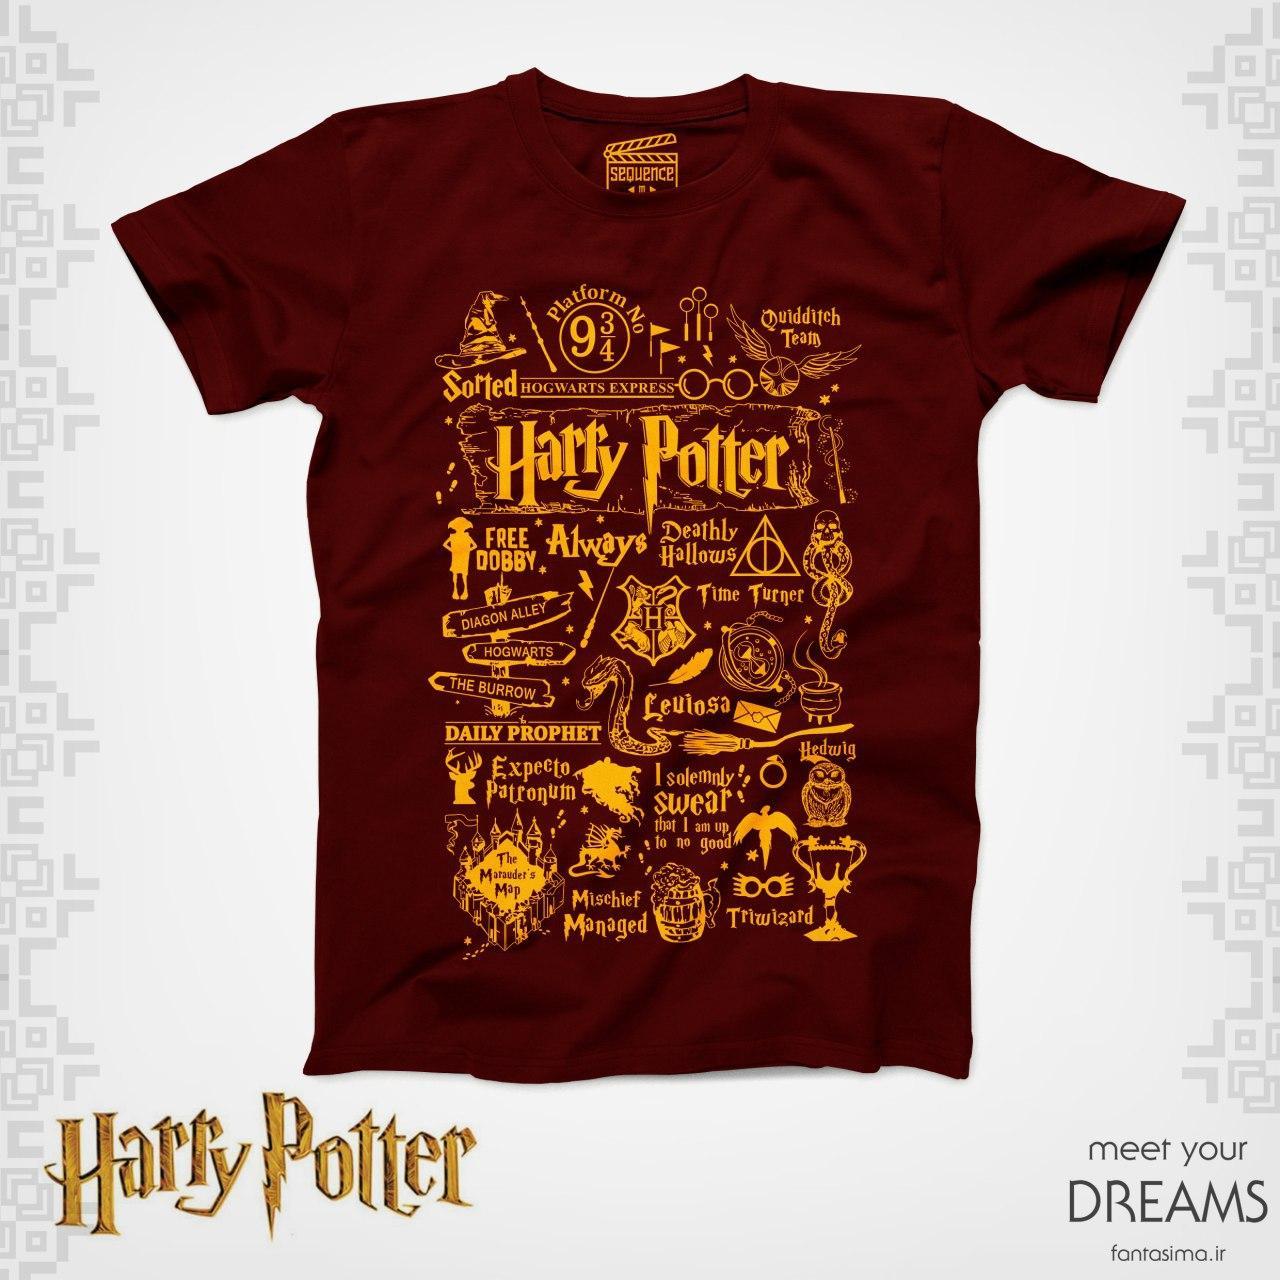 تیشرت زرشکی نمادهای هری پاتر